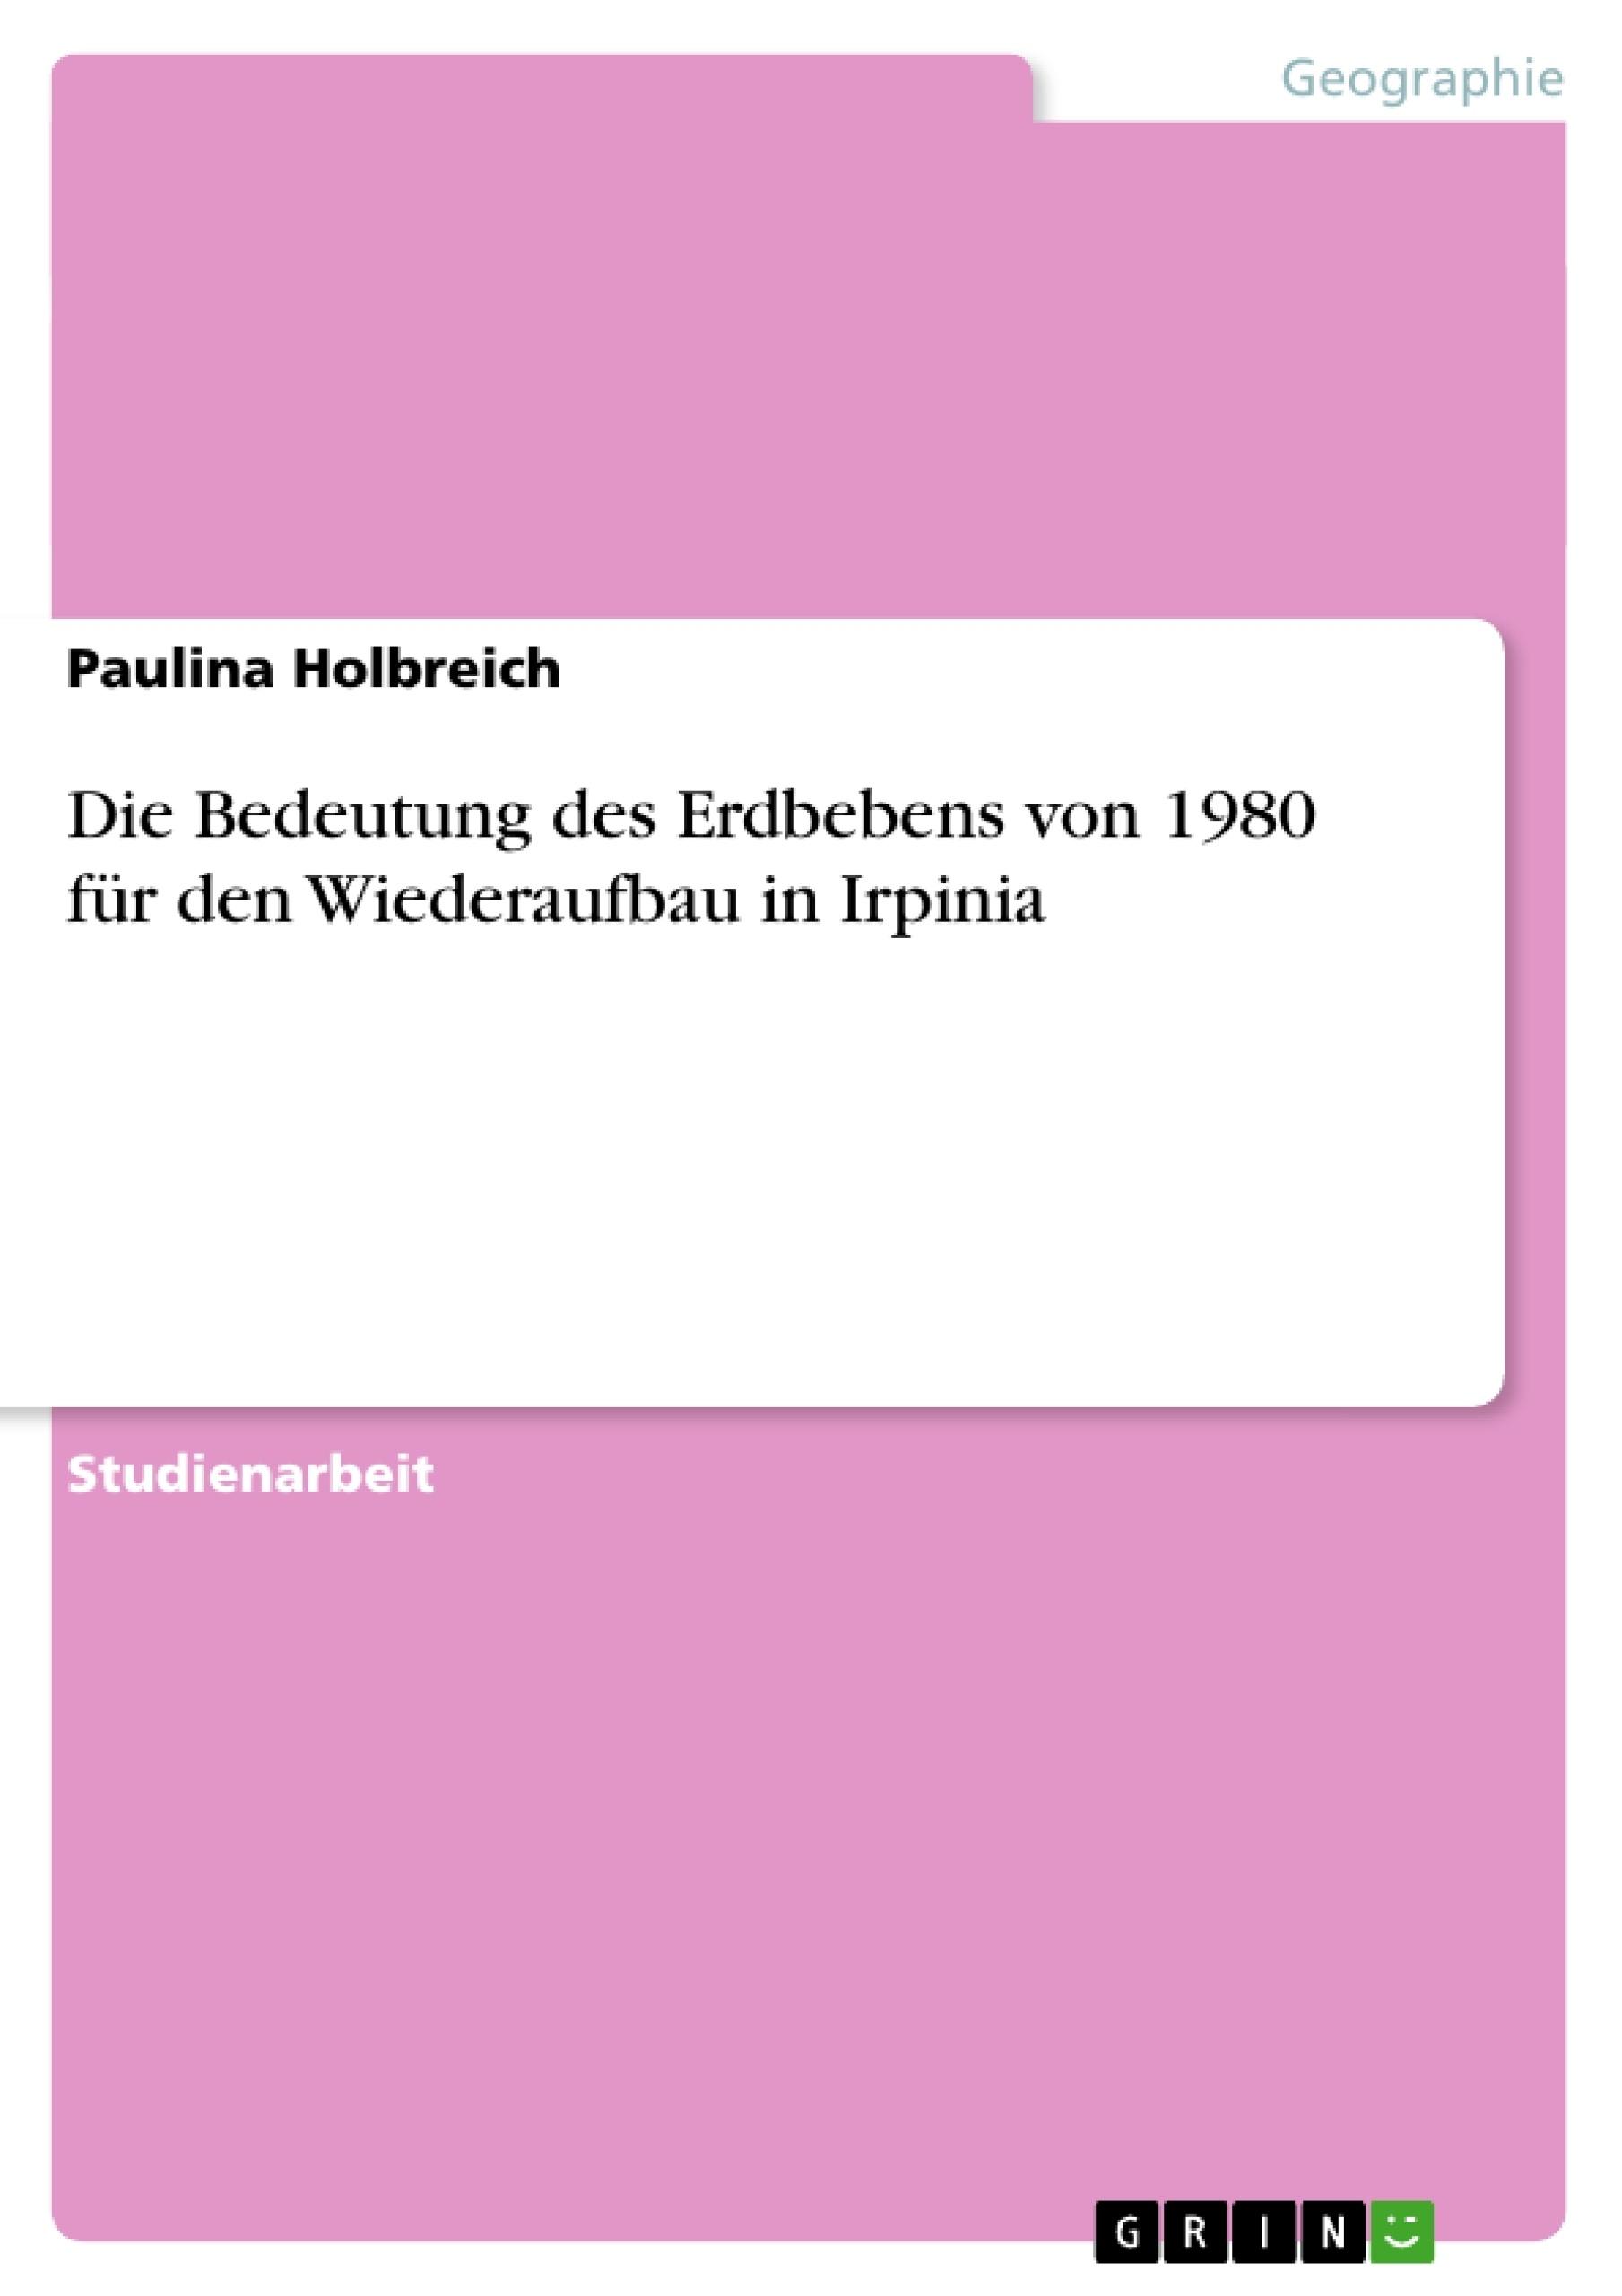 Titel: Die Bedeutung des Erdbebens von 1980 für den Wiederaufbau in Irpinia